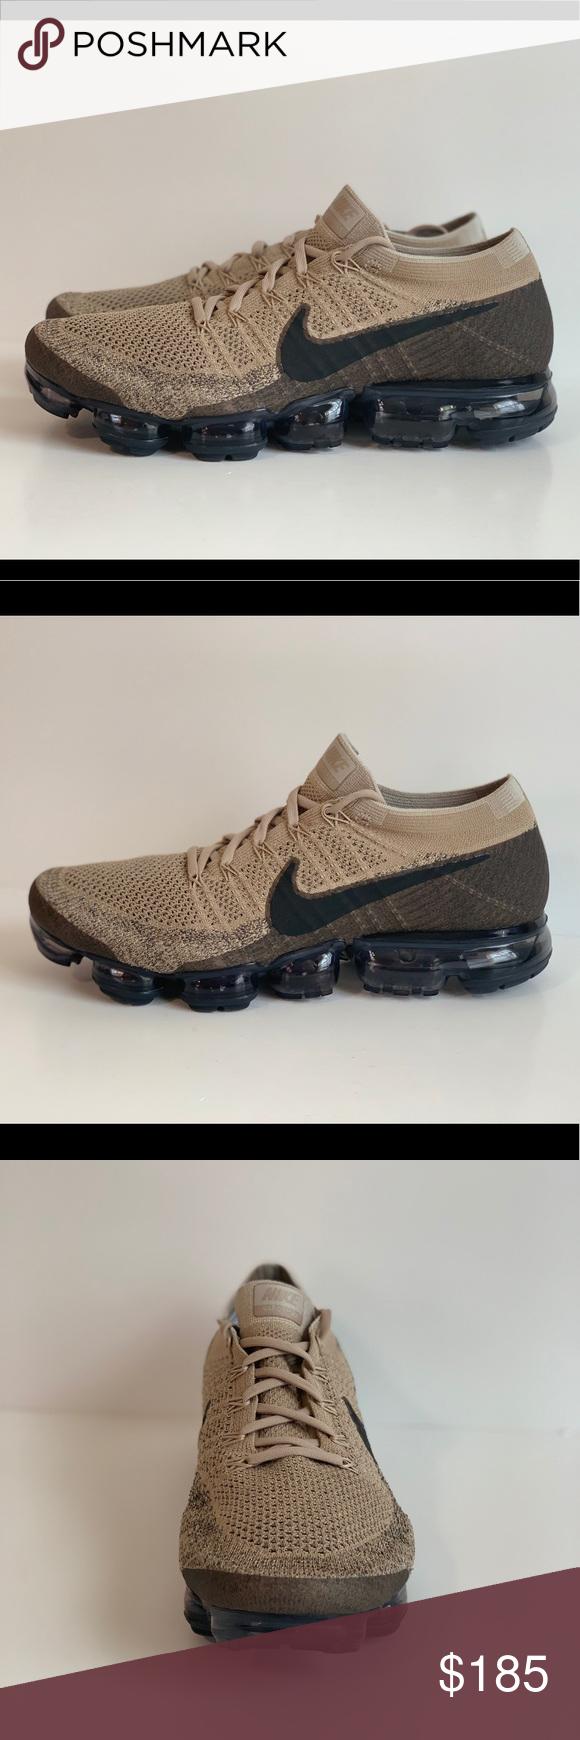 """timeless design d8a53 da529 Nike Air Vapormax Flyknit """"Pudding"""" NWOB Sz 11 Brand New, No ..."""